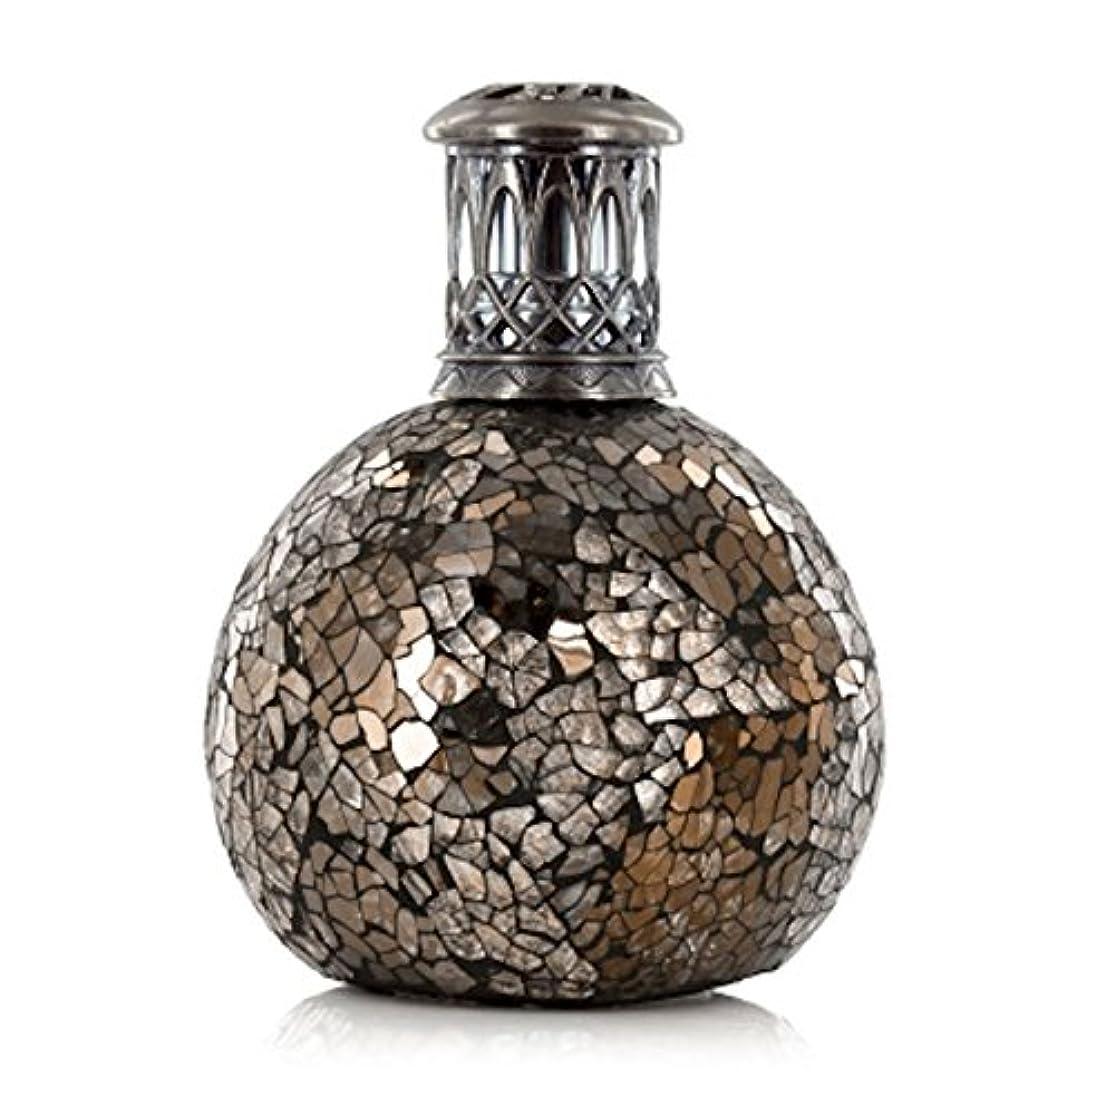 補う個人ポールアシュレイ&バーウッド(Ashleigh&Burwood) Ashleigh&Burwood フレグランスランプ S メタリックオール FragranceLamps sizeS MetalicOre アシュレイ&バーウッド 80㎜×80㎜×115㎜